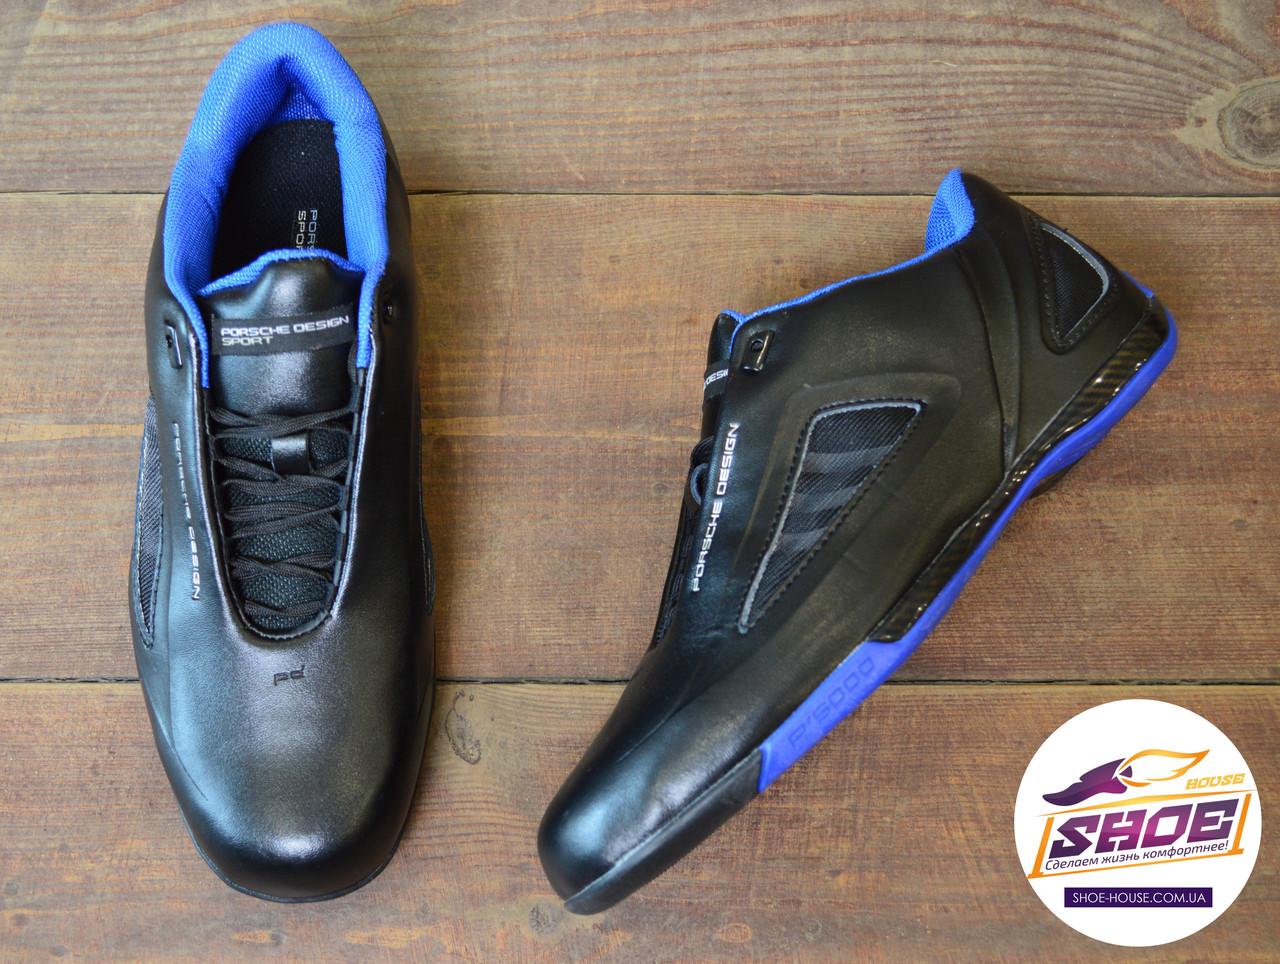 b649d539 Черные мужские кроссовки Adidas Porsche Design Drive Athletic II Leather  Black Blue Trainers